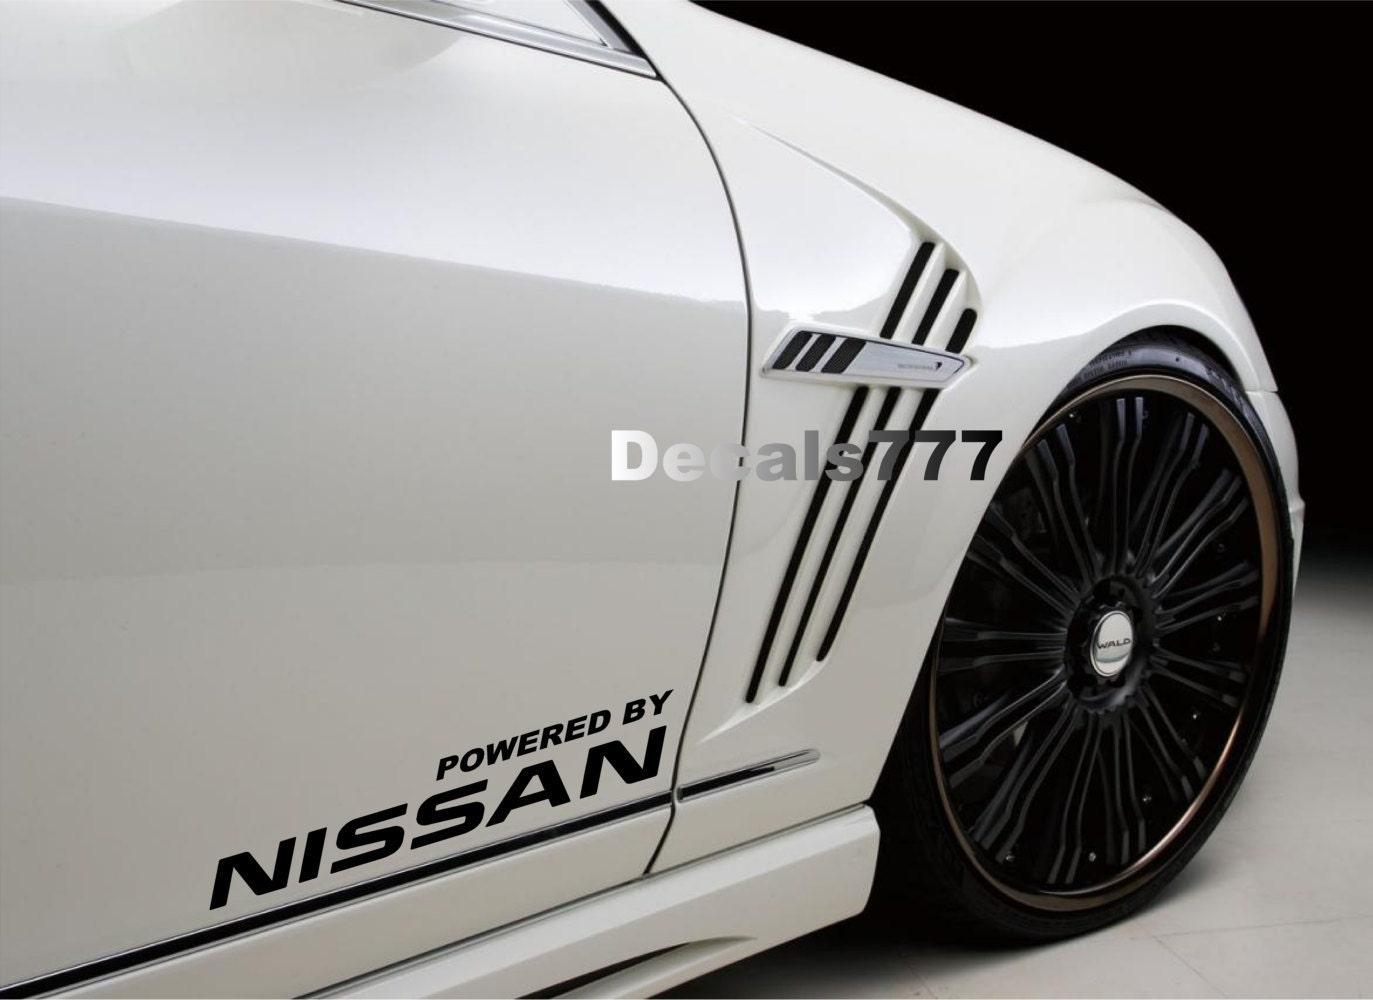 Powered by Nissan RACING Z350 Z370 Sentra Maxima Altima Versa